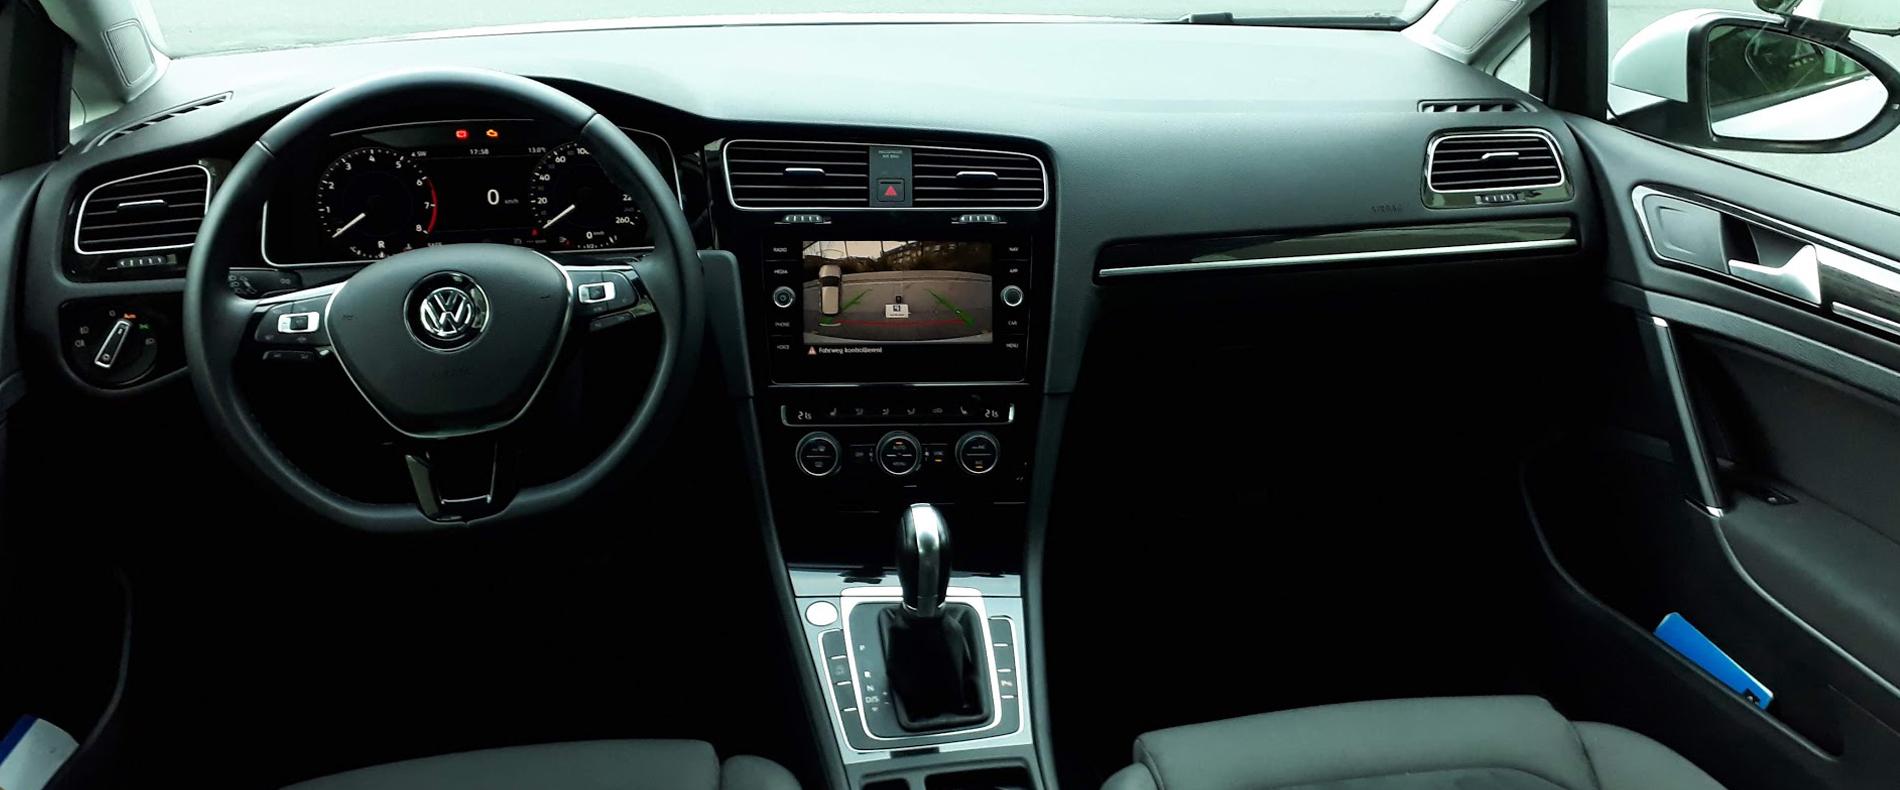 Auto von Innen VW